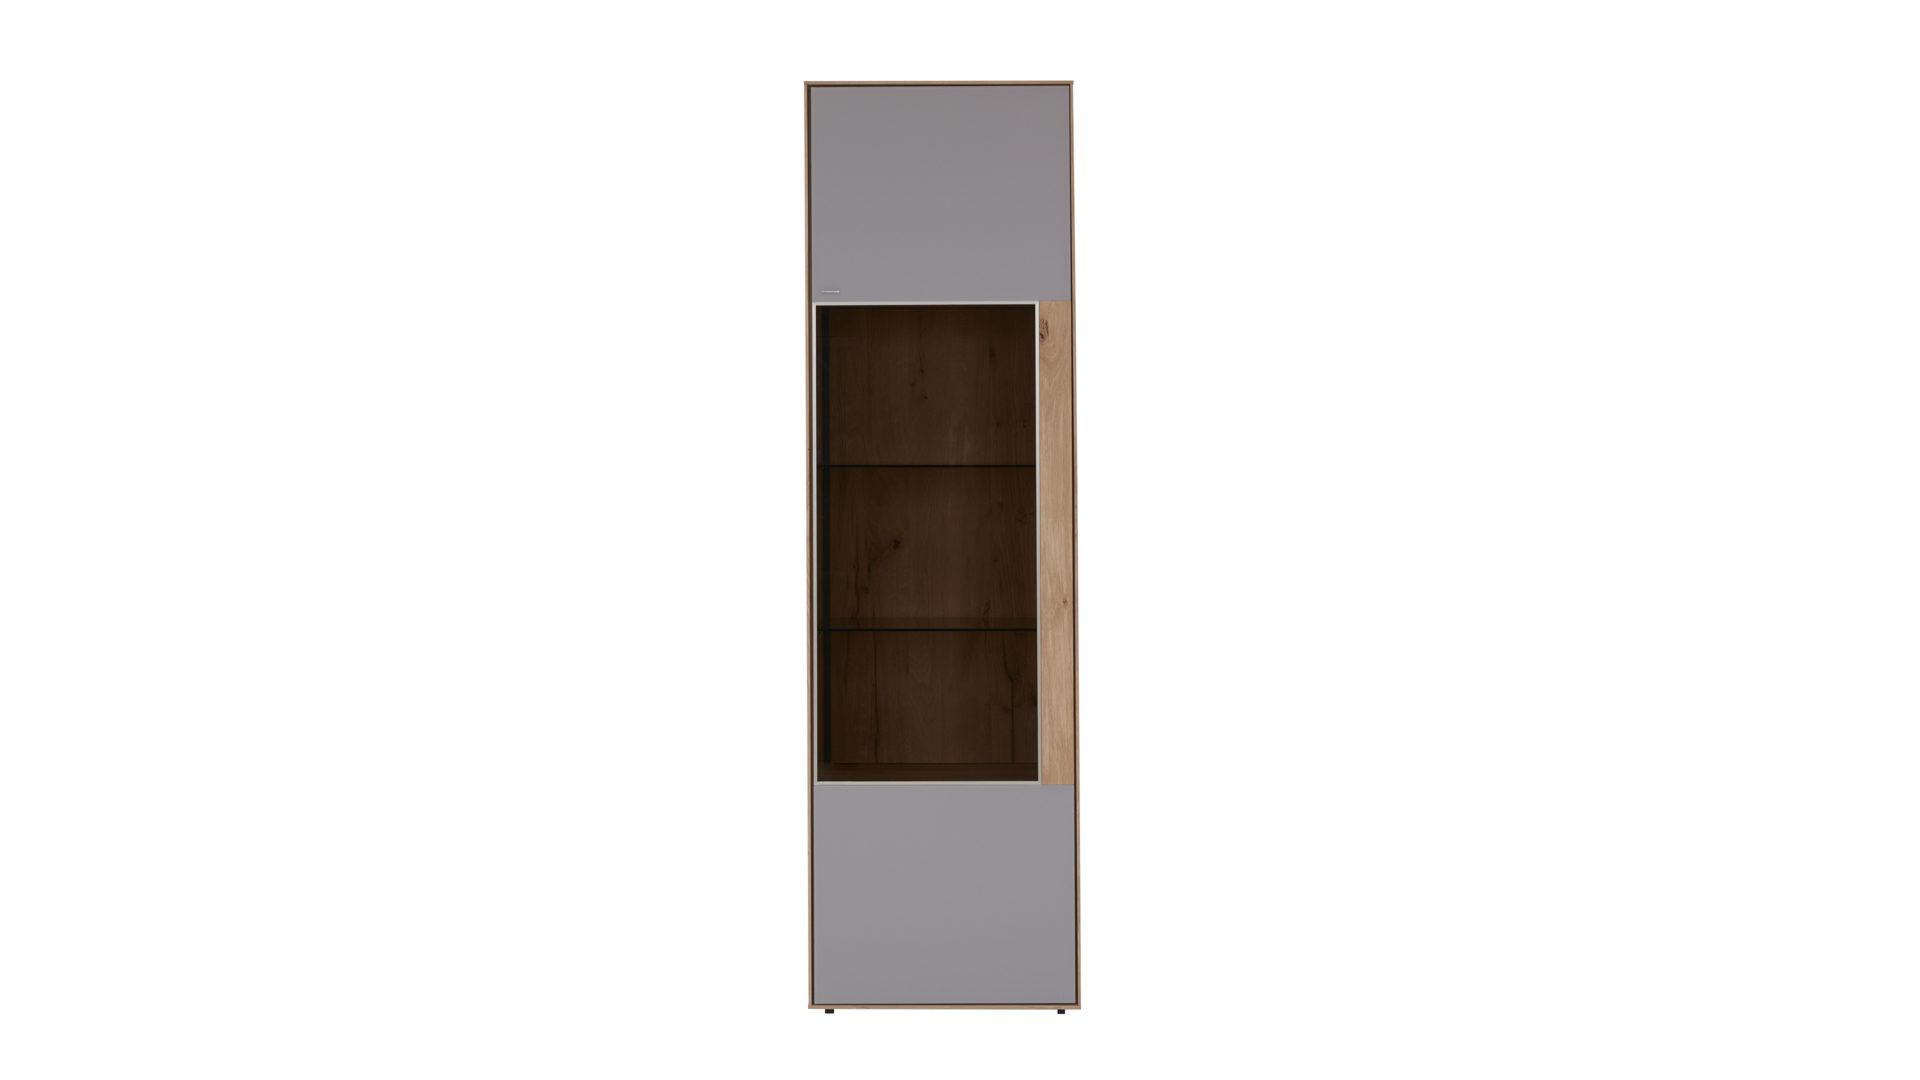 interliving wohnzimmer serie 2001 vitrine